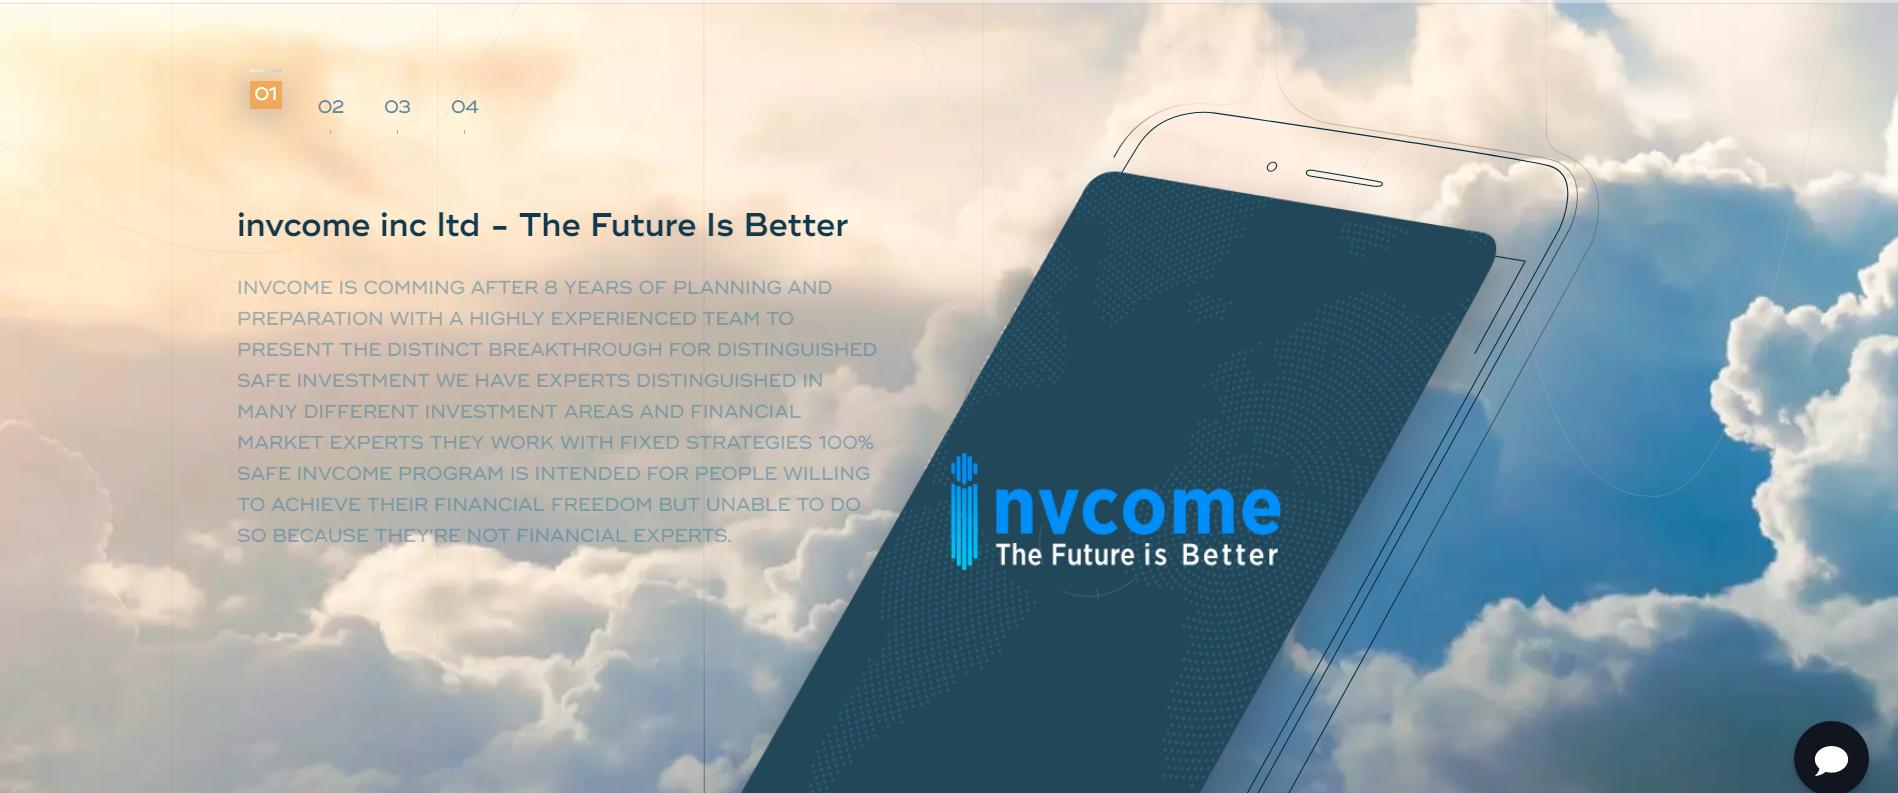 Review of invcome.com - Is invcome.comScam or Legit?